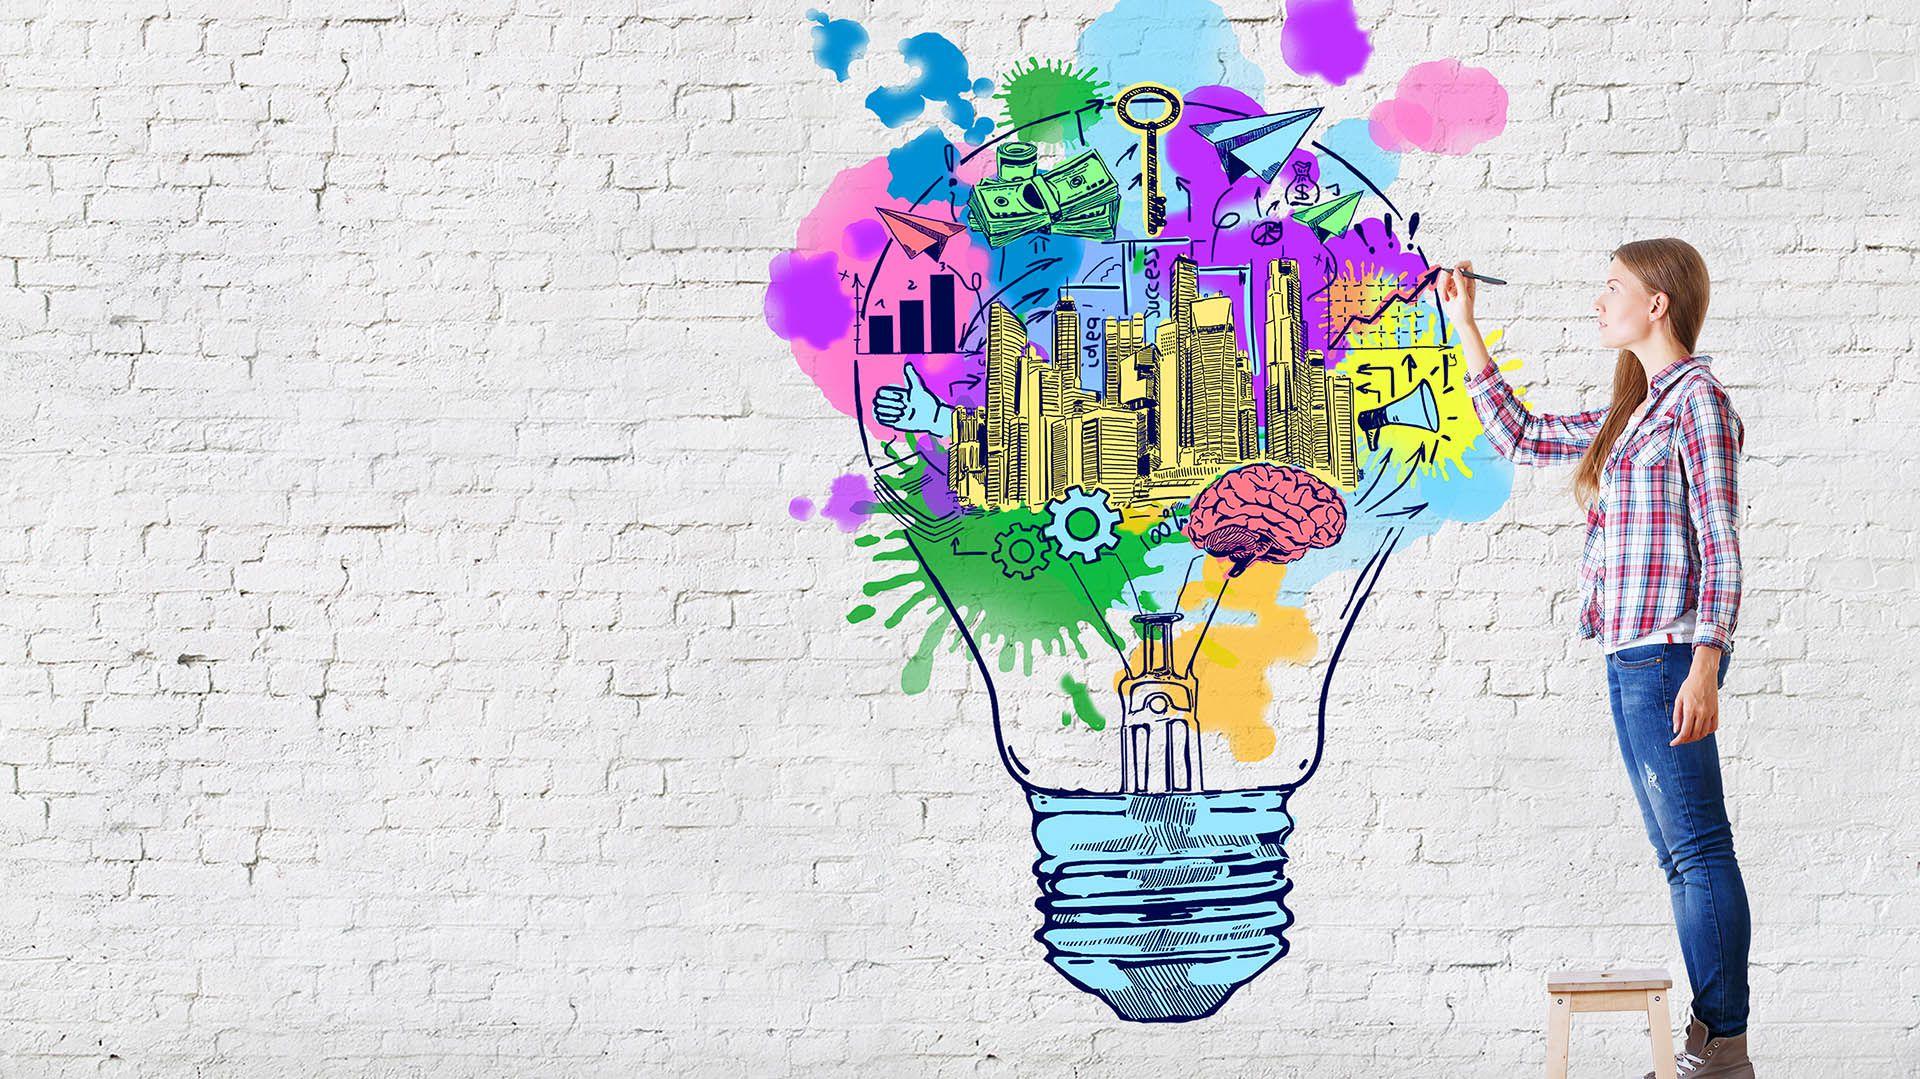 A lo largo de la vida se producen demandas ambientales, académicas y sociales que requieren mayores destrezas ejecutivas (Shutterstock)